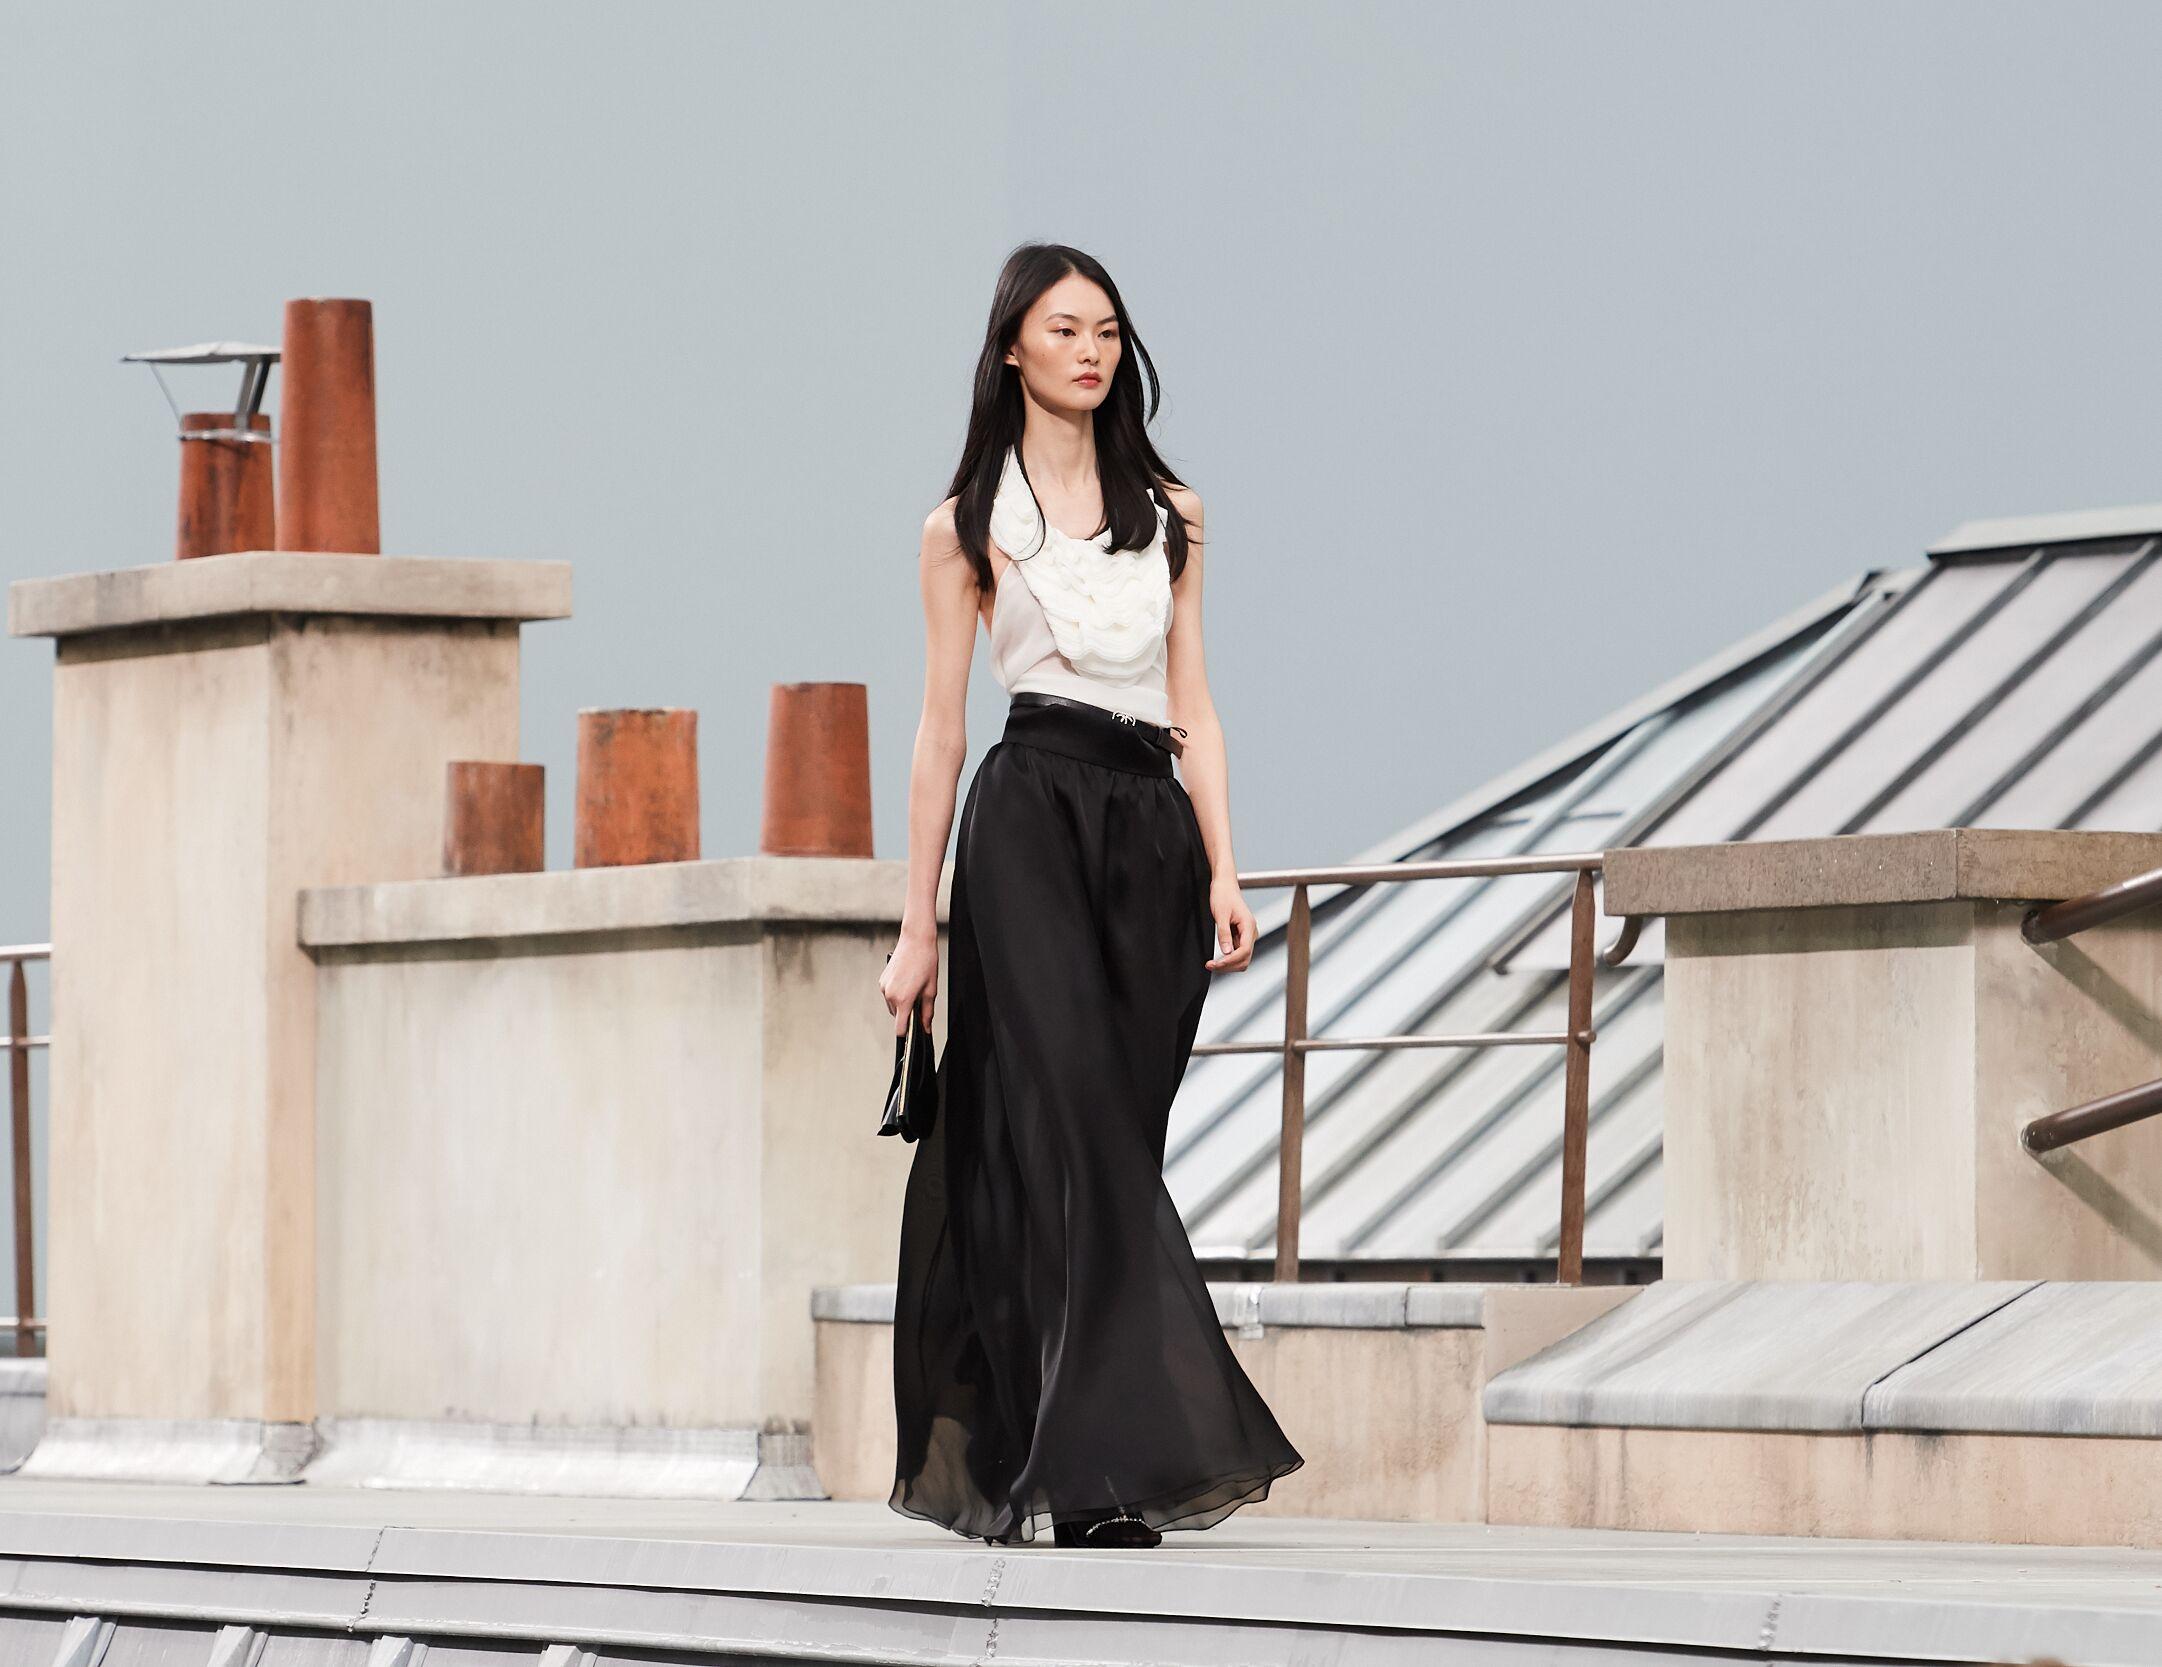 Woman SS 2020 Chanel Show Paris Fashion